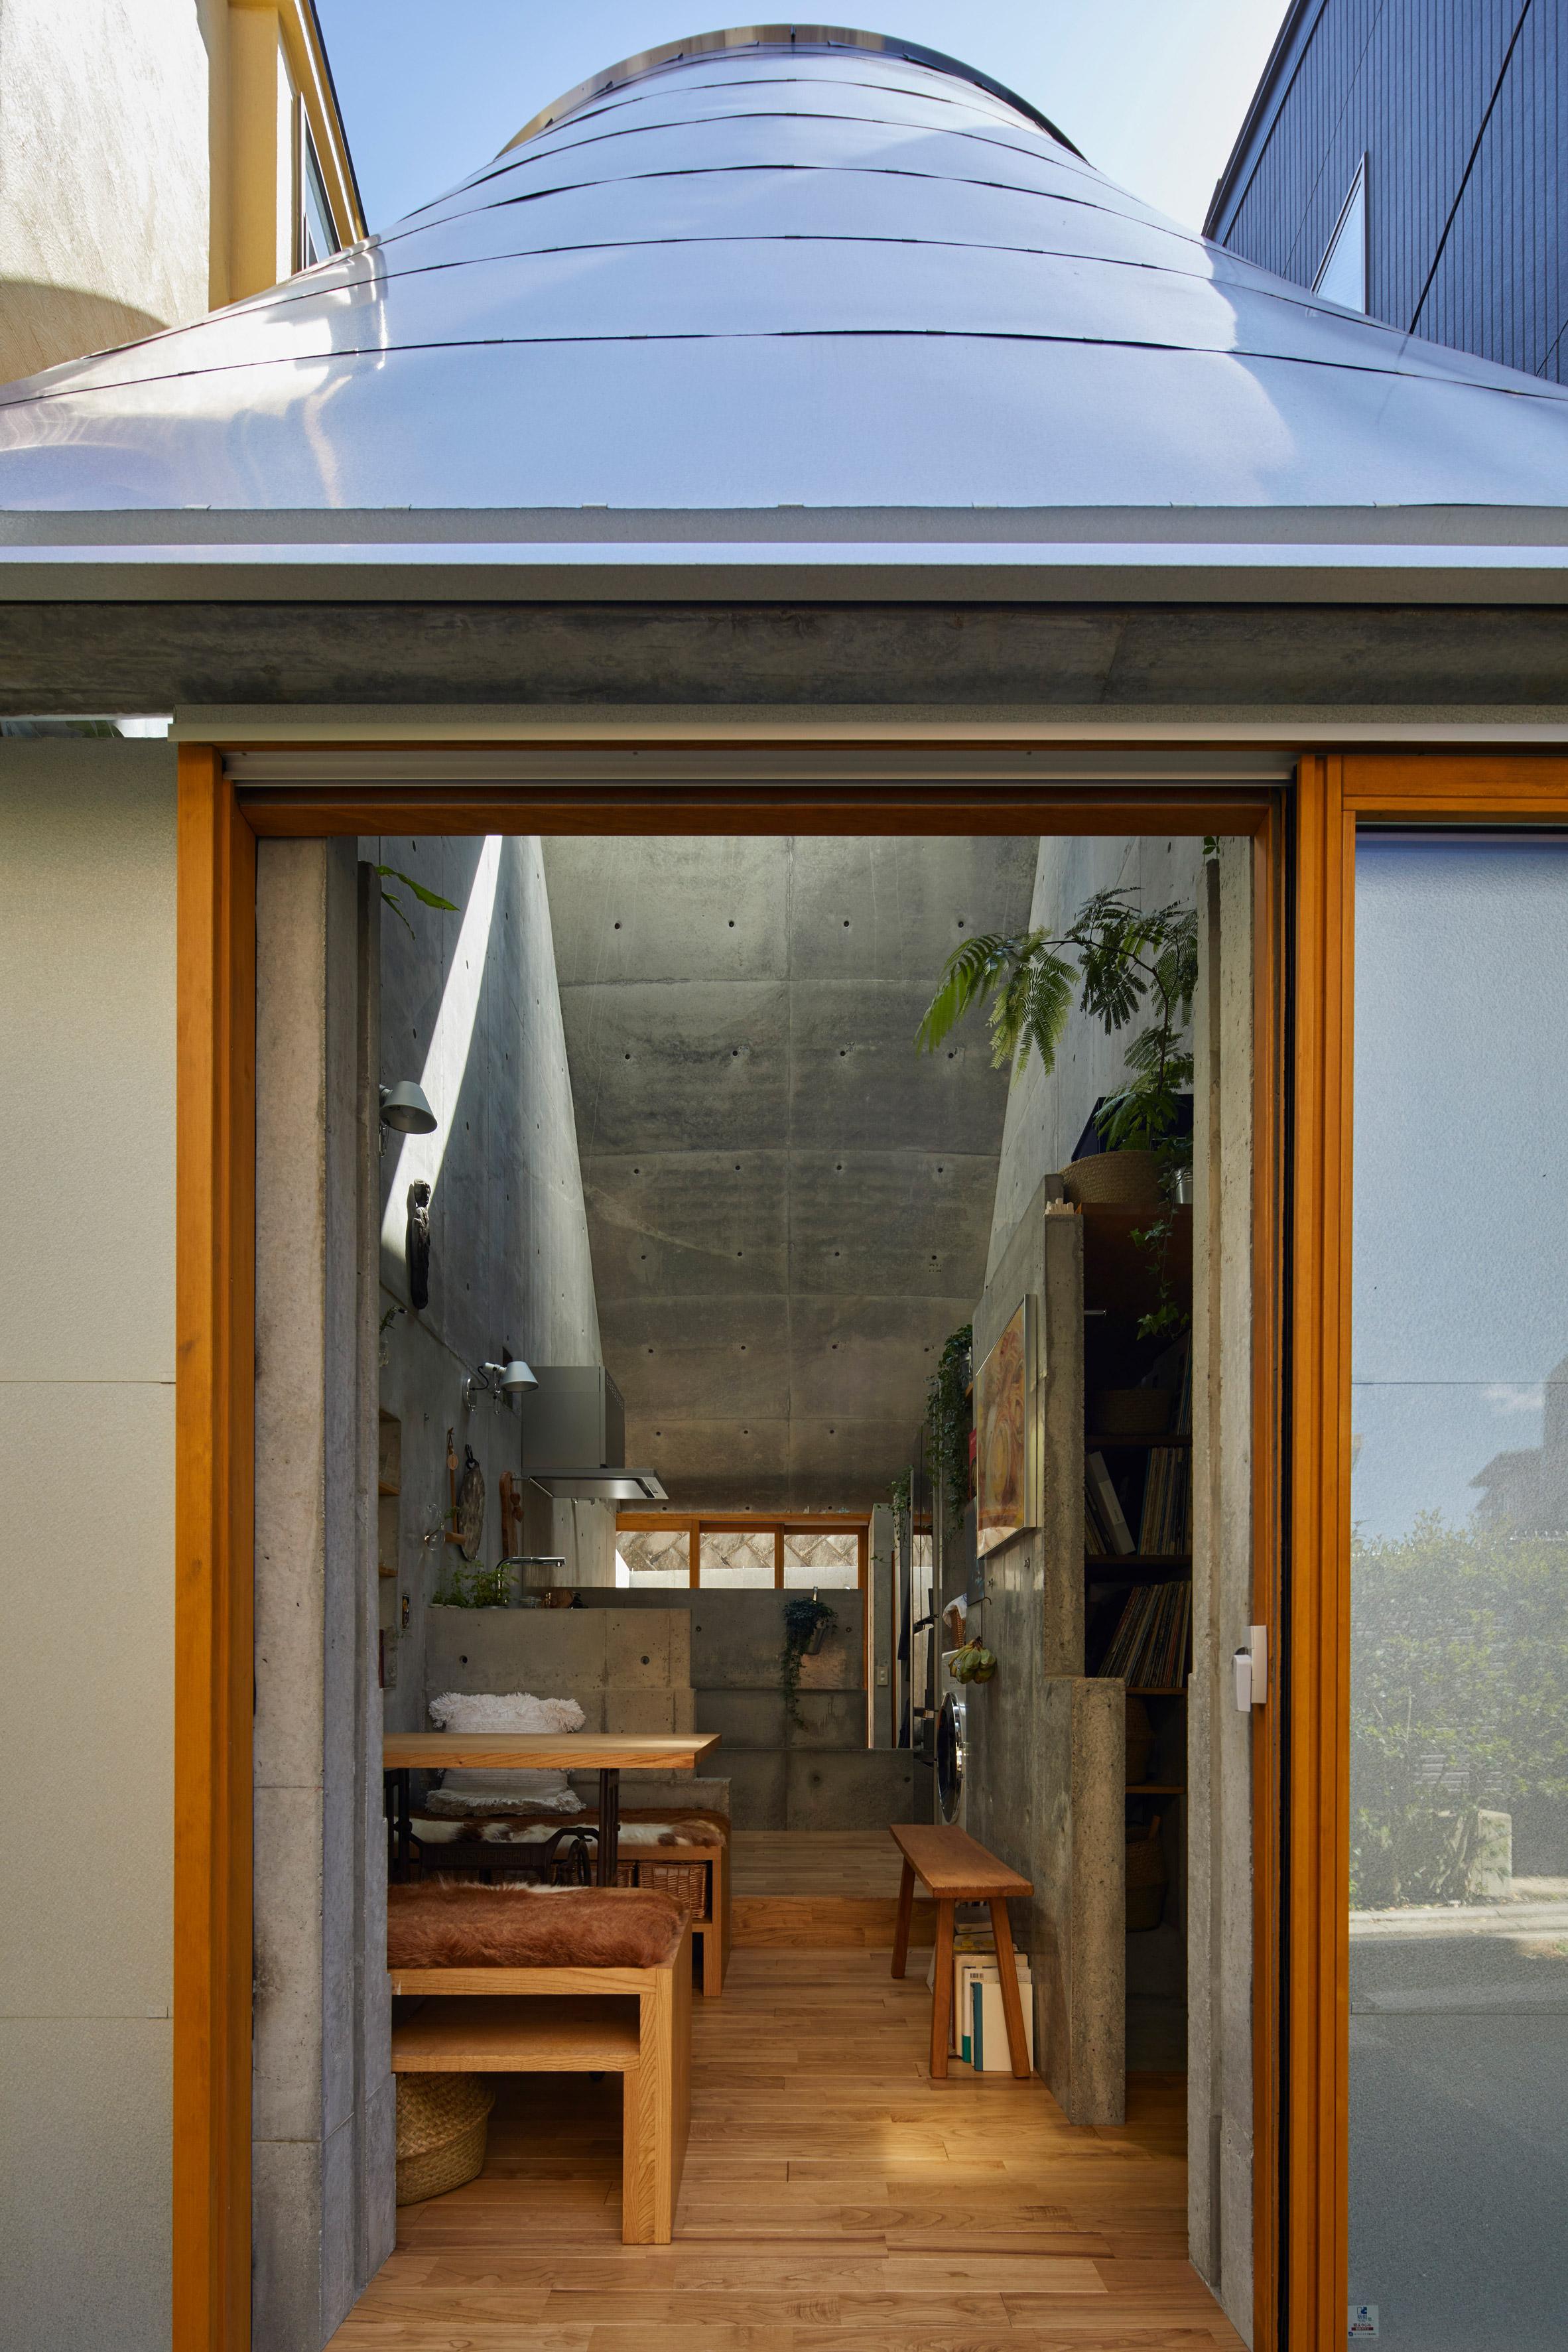 Małe przestrzenie: ten dom ma tylko 18 m², zaprojektował go japoński architekt